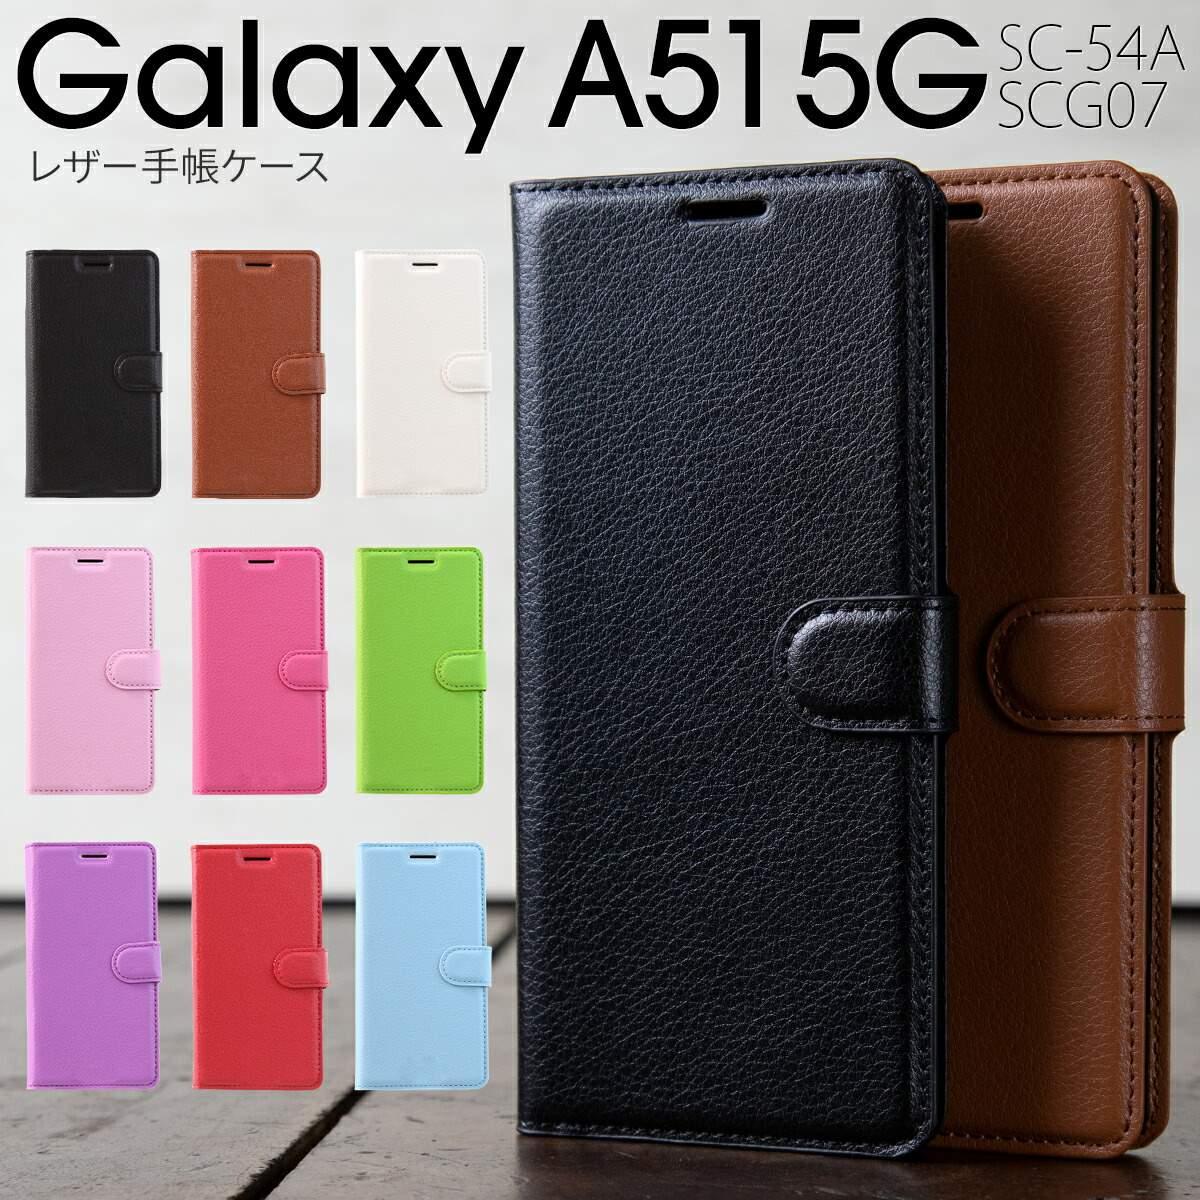 メール便送料無料 Galaxy A51 5G 『4年保証』 SC-54A SCG07 レザー手帳型ケース ケース 手帳ケース sc54a かっこいい カバー 韓国 合革 革 sale スマホケース おしゃれ 手帳型 人気 格安店